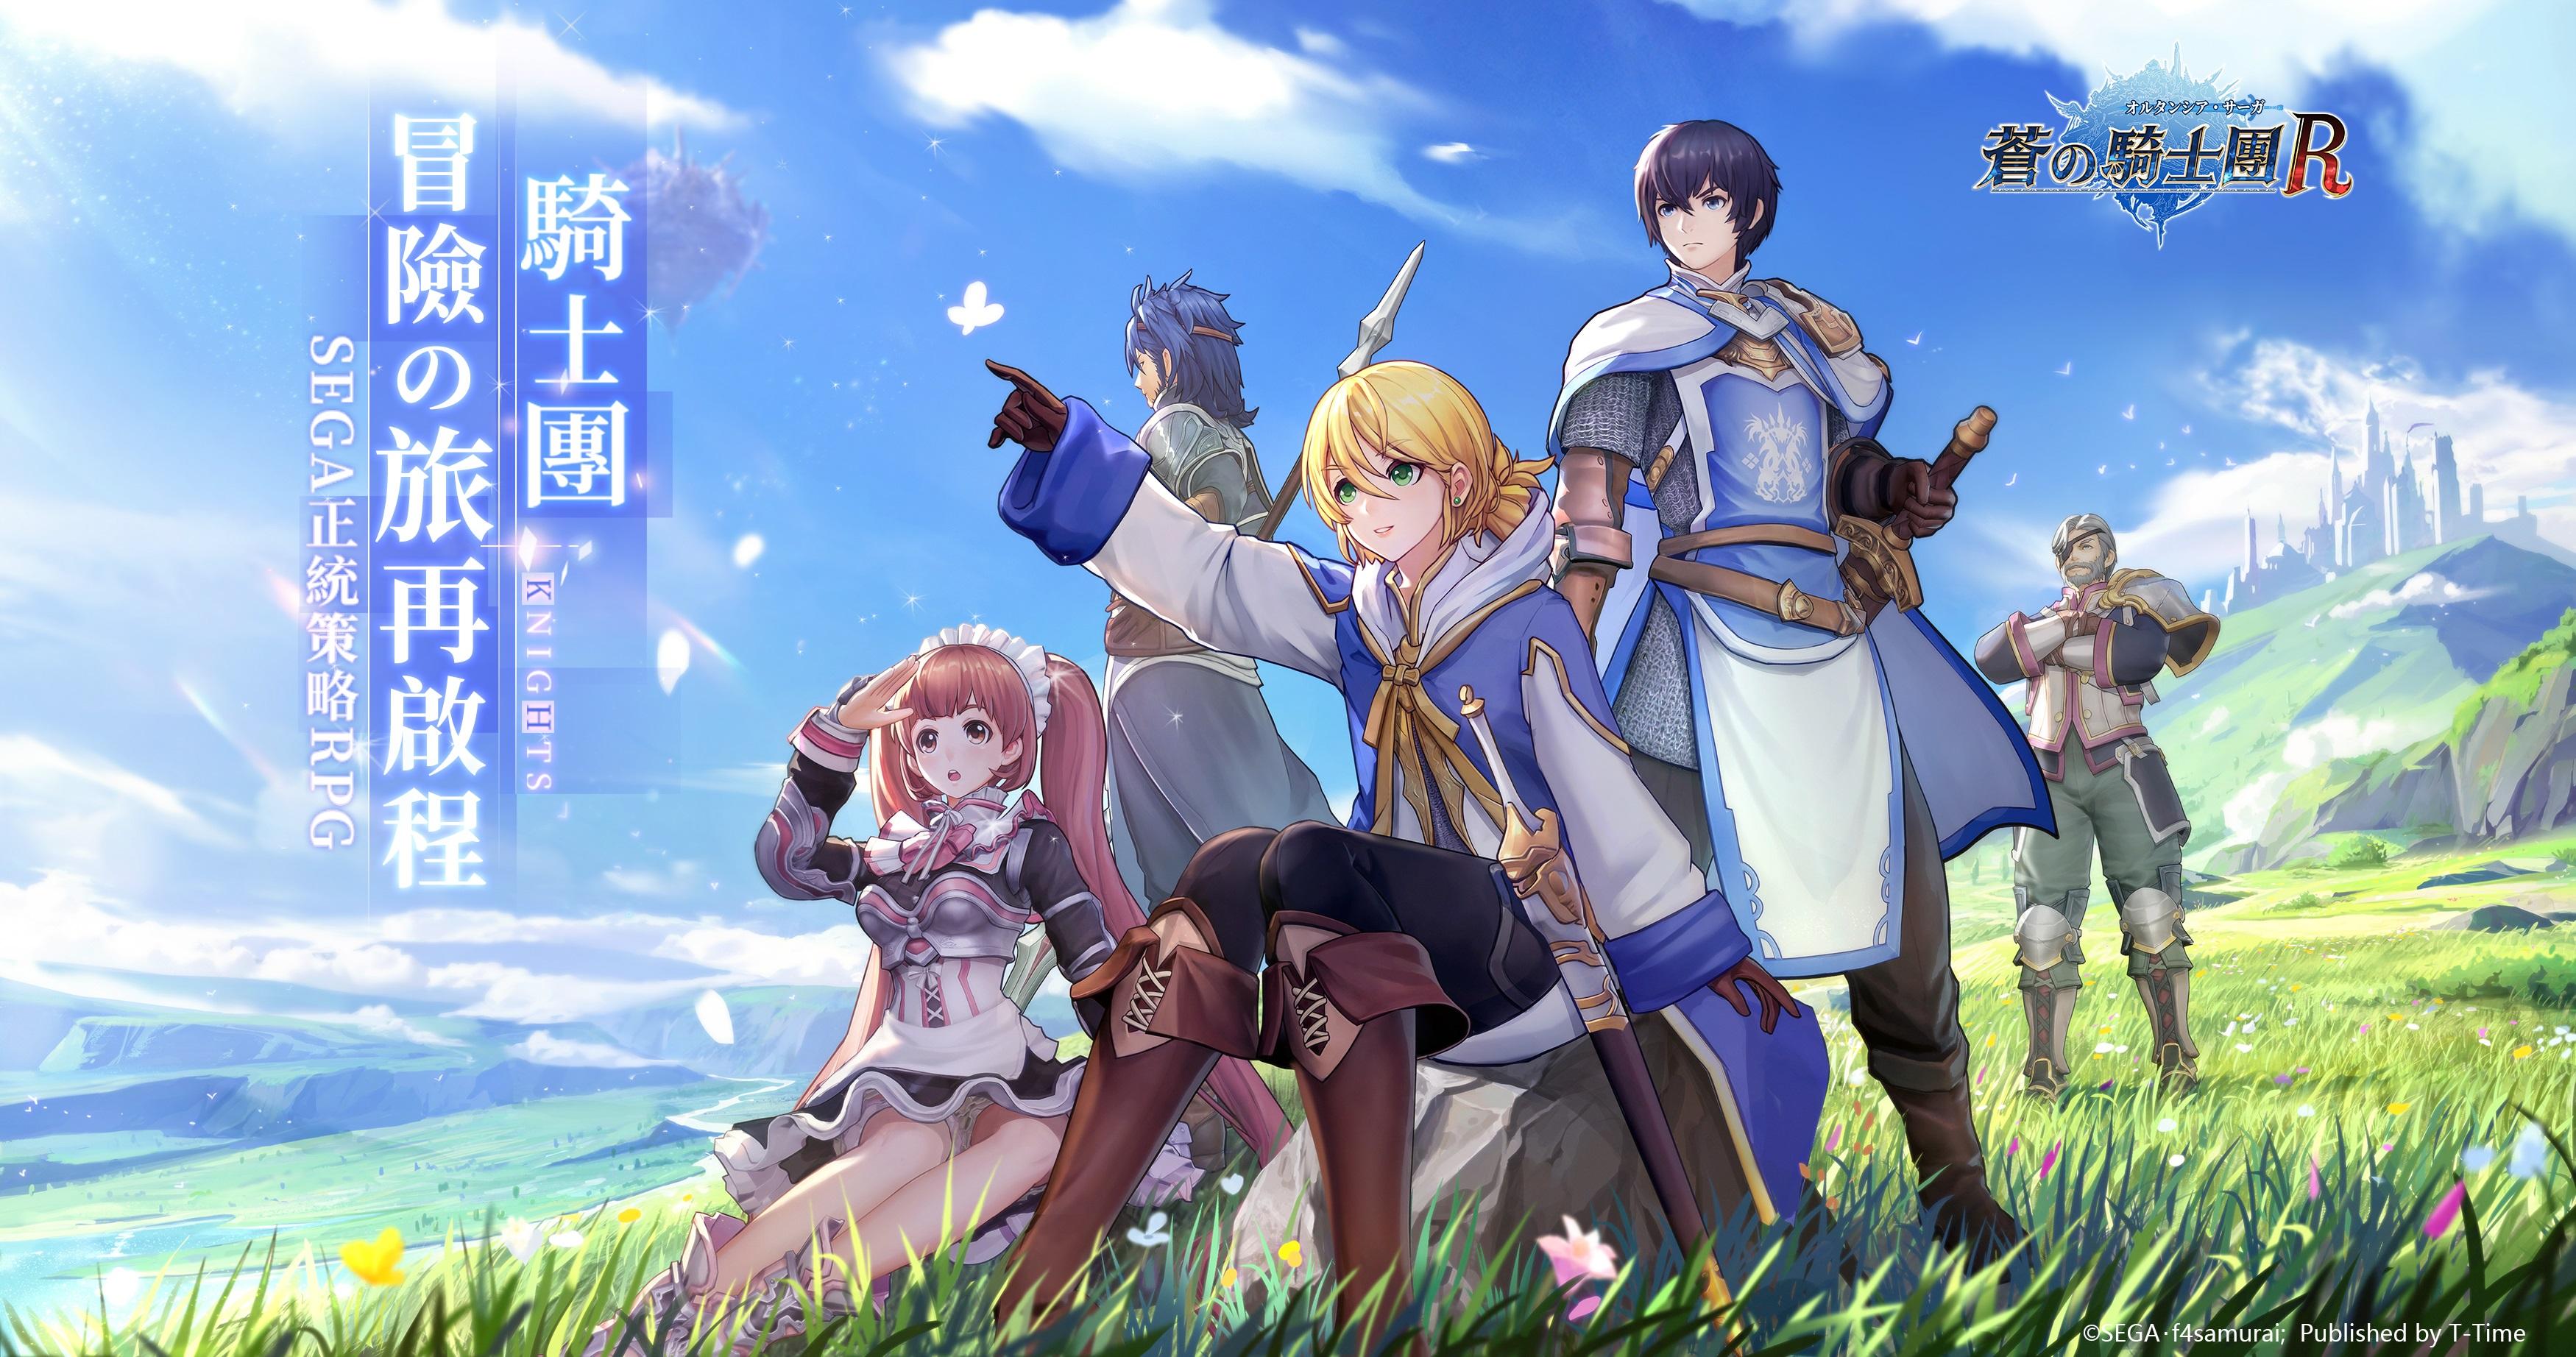 《蒼之騎士團R》騎士團冒險再啟,遊戲世界觀及主角團情報首曝